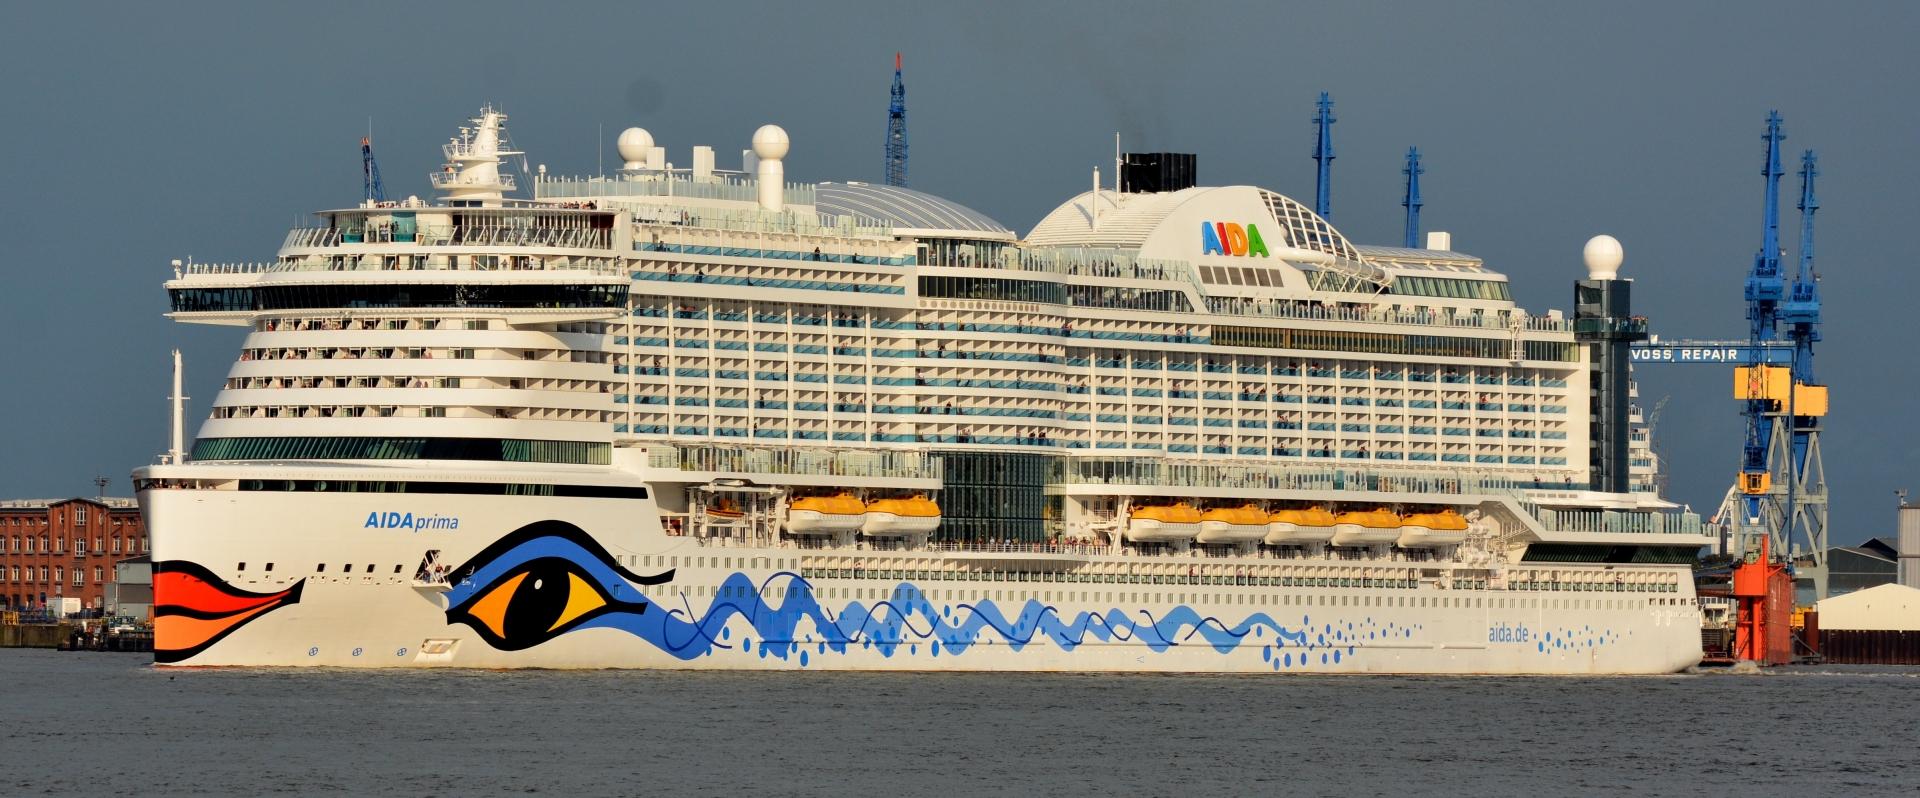 Schiffsreisenportal-Kreuzfahrten-Schiffsreisen-Weltreisen_AIDA-Prima